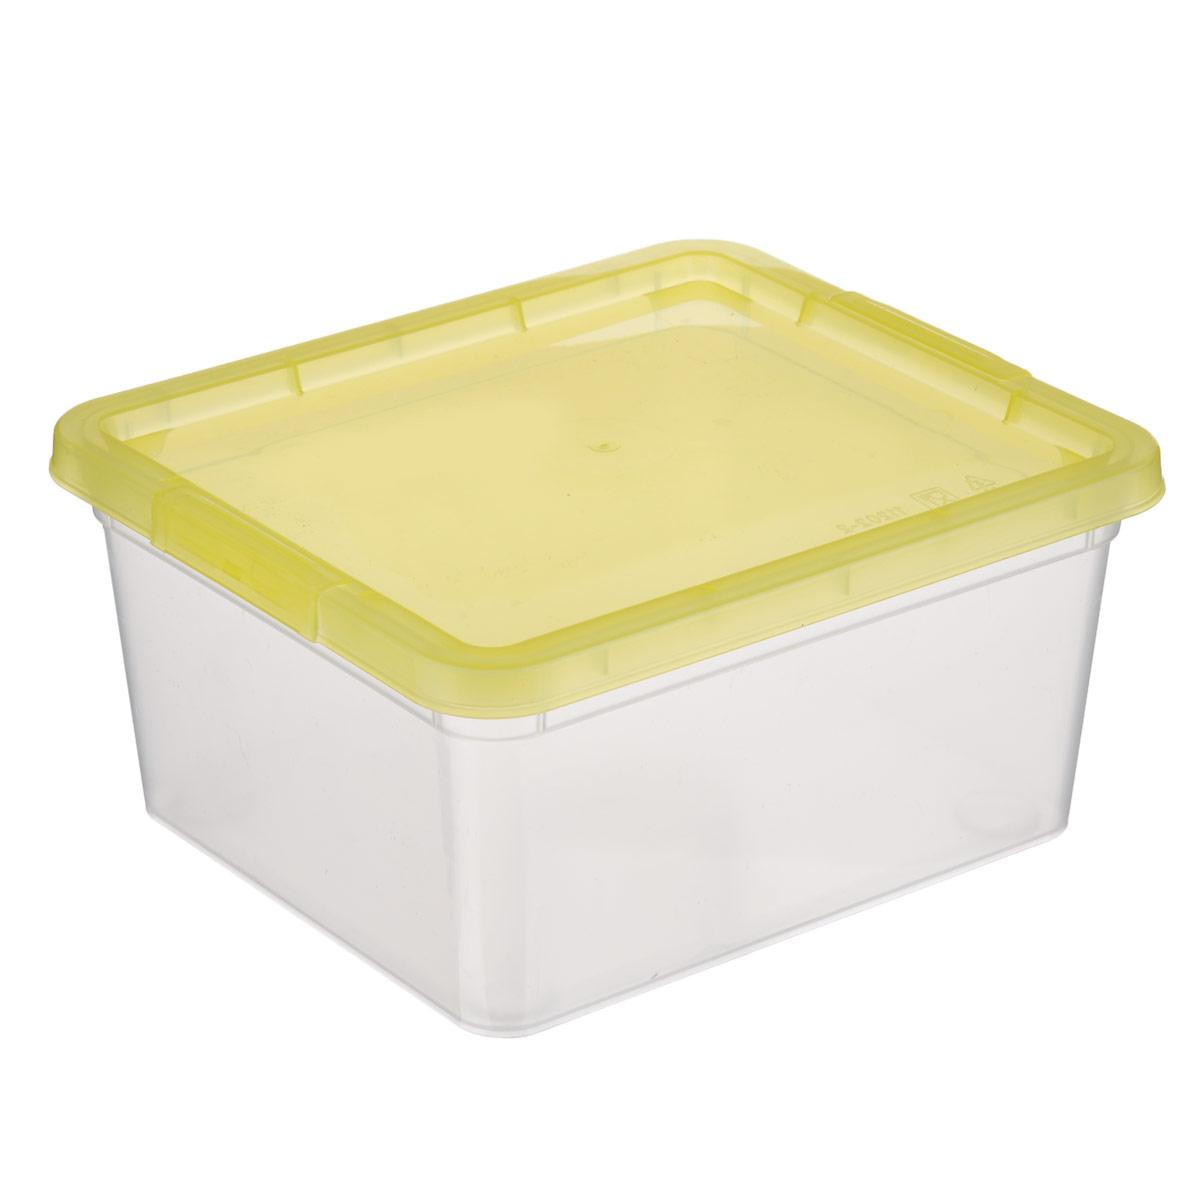 Коробка для мелочей Полимербыт, цвет: желтый, 1,9 лС510 желтыйКоробка для мелочей Полимербыт изготовлена из прочного пластика. Стенки изделия прозрачные, что позволяет видеть содержимое. Цветная полупрозрачная крышка плотно закрывается и легко открывается. Коробка идеально подходит для хранения различных мелких бытовых предметов, таких как канцелярские принадлежности, аксессуары для рукоделия и т.д. Такая коробка сохранит все мелкие предметы в одном месте и поможет поддерживать в доме порядок.